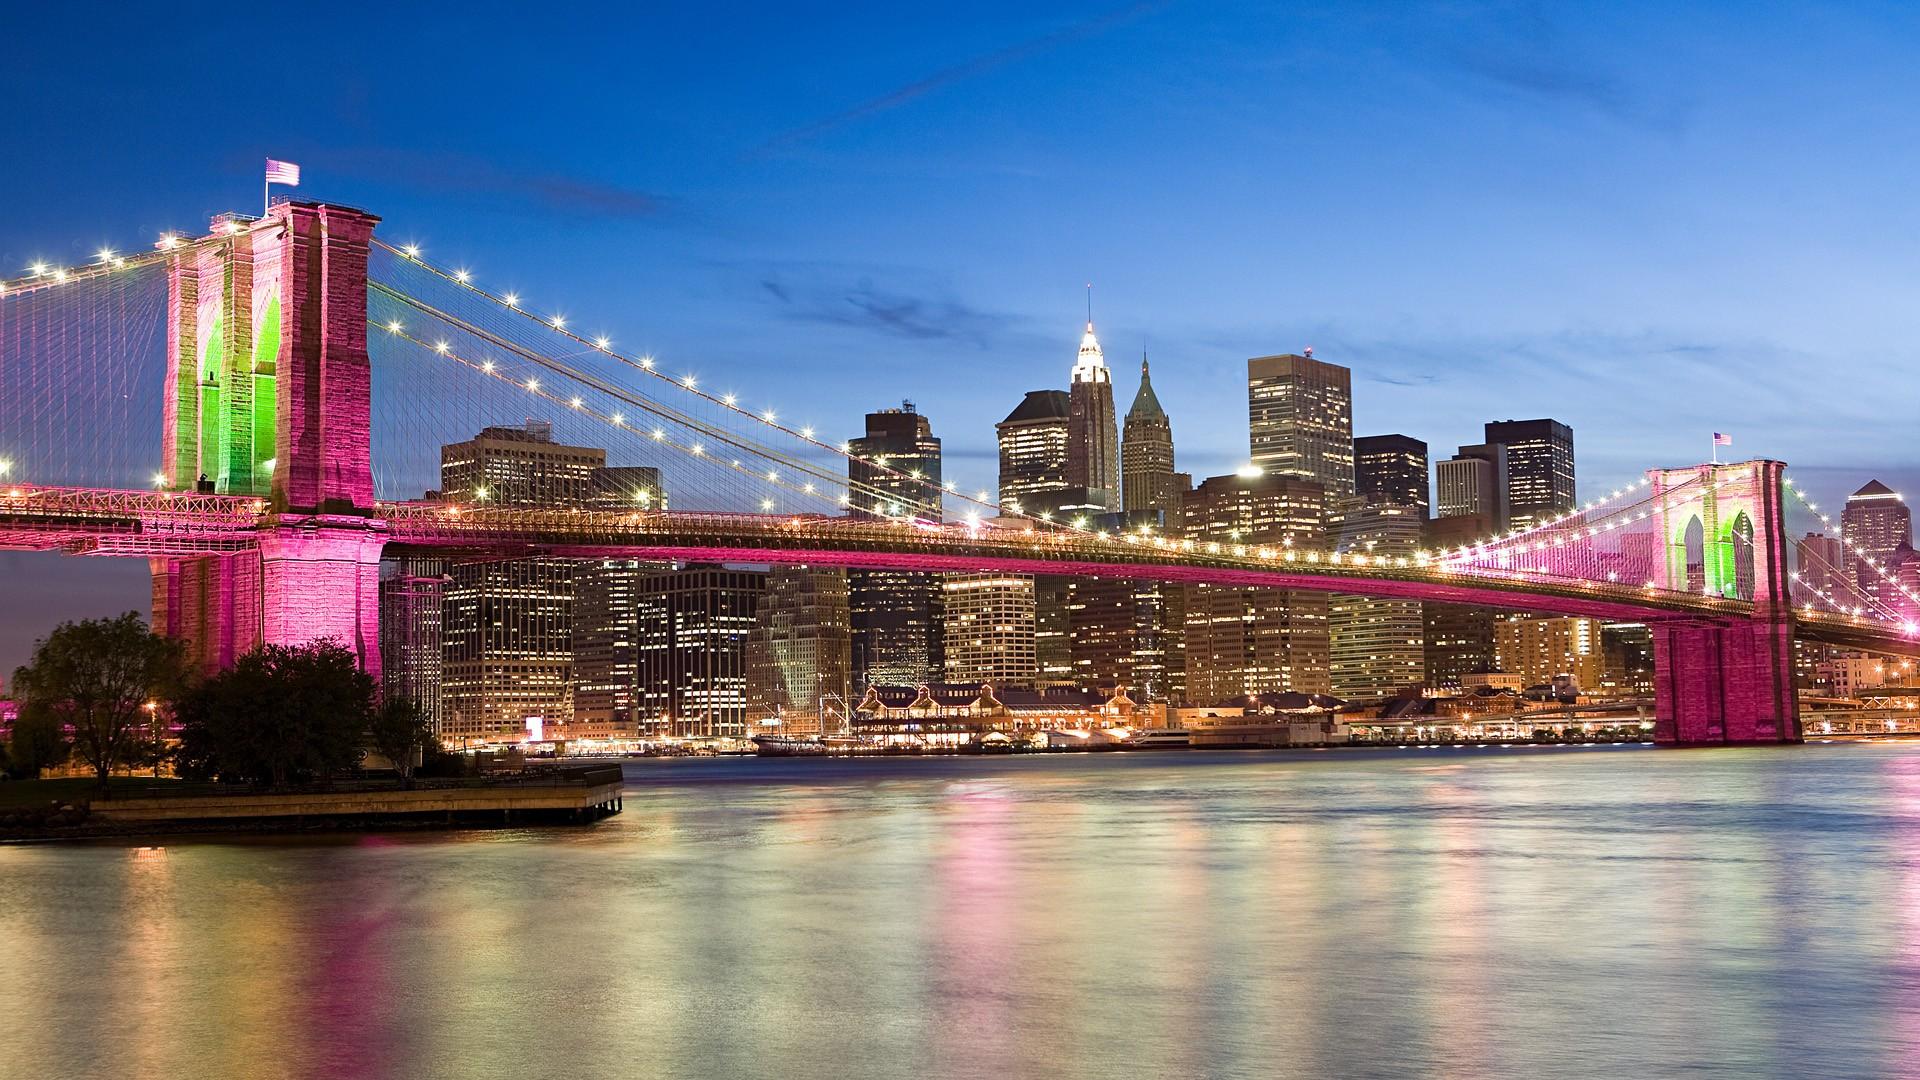 El puente rosado de Brooklyn Bridge - 1920x1080